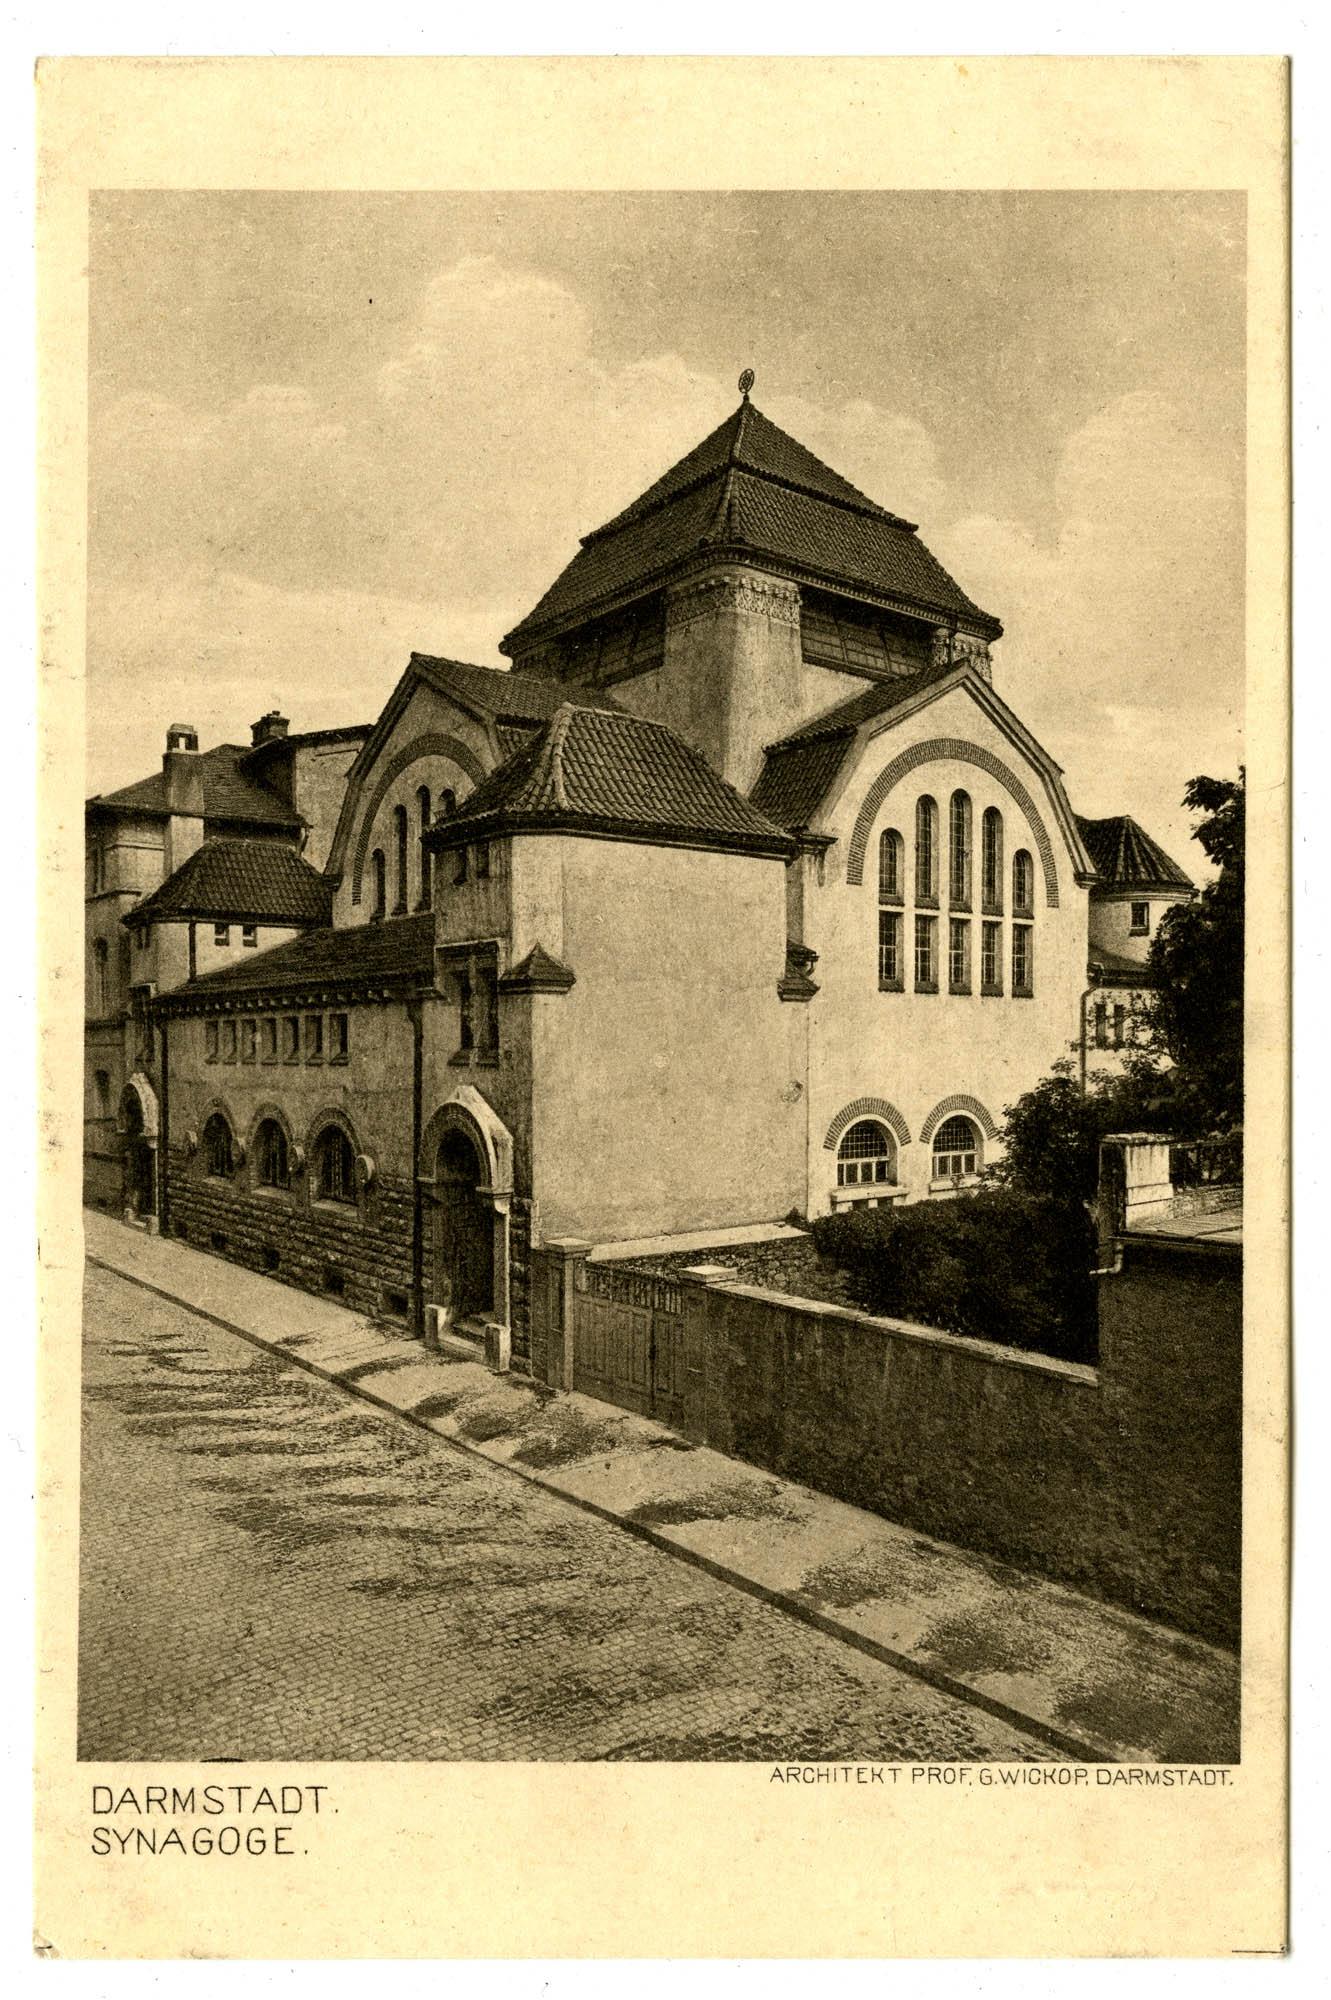 Darmstadt. Synagoge.